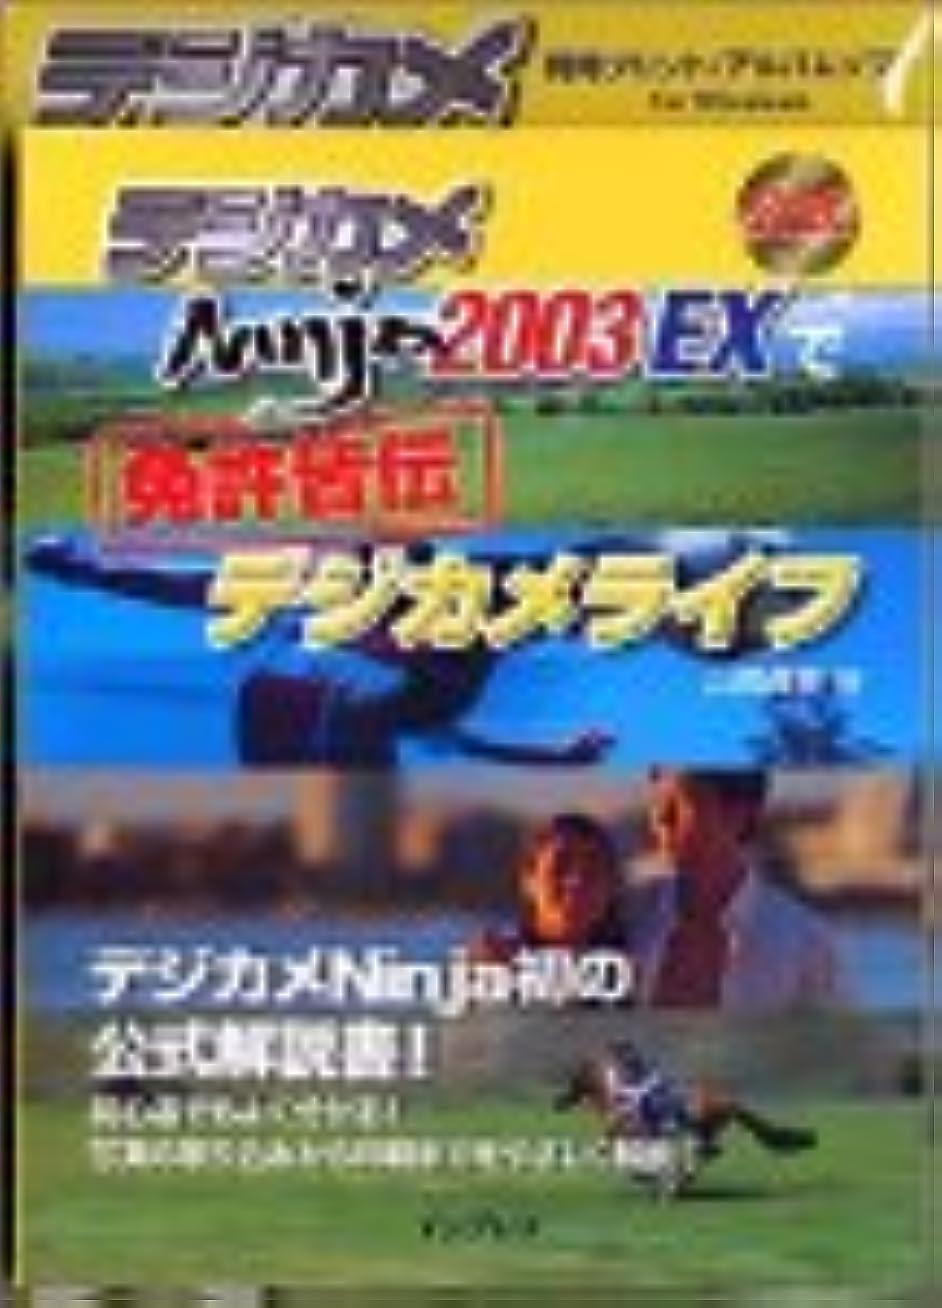 攻撃印象的シンクデジカメ Ninja 2003EX for Windows ガイドブック付き